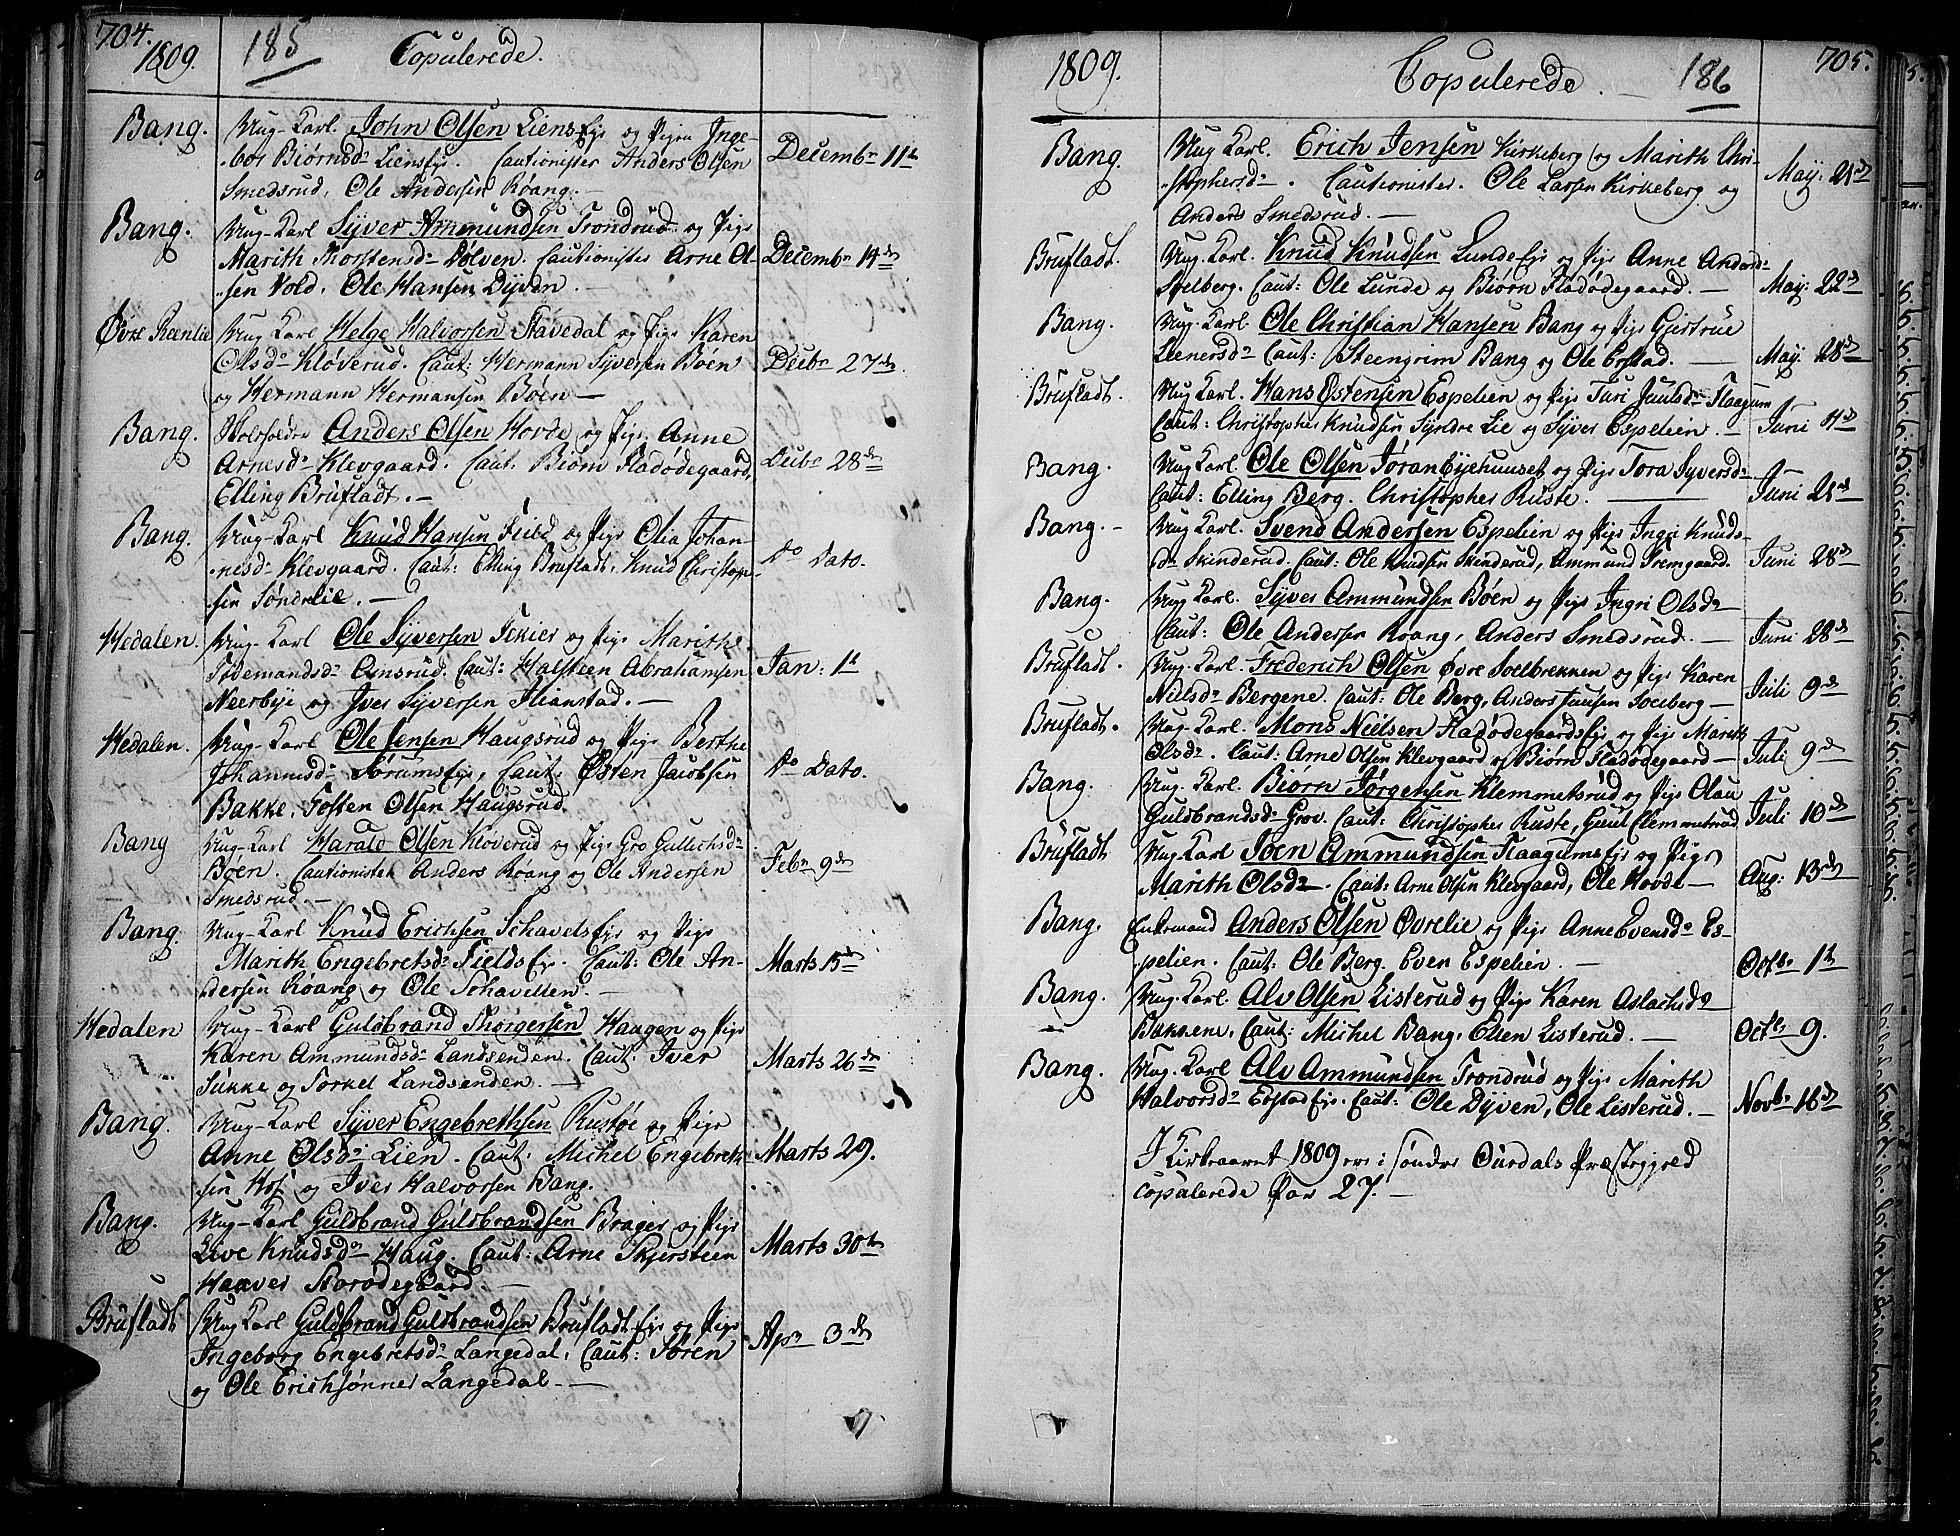 SAH, Sør-Aurdal prestekontor, Ministerialbok nr. 1, 1807-1815, s. 185-186